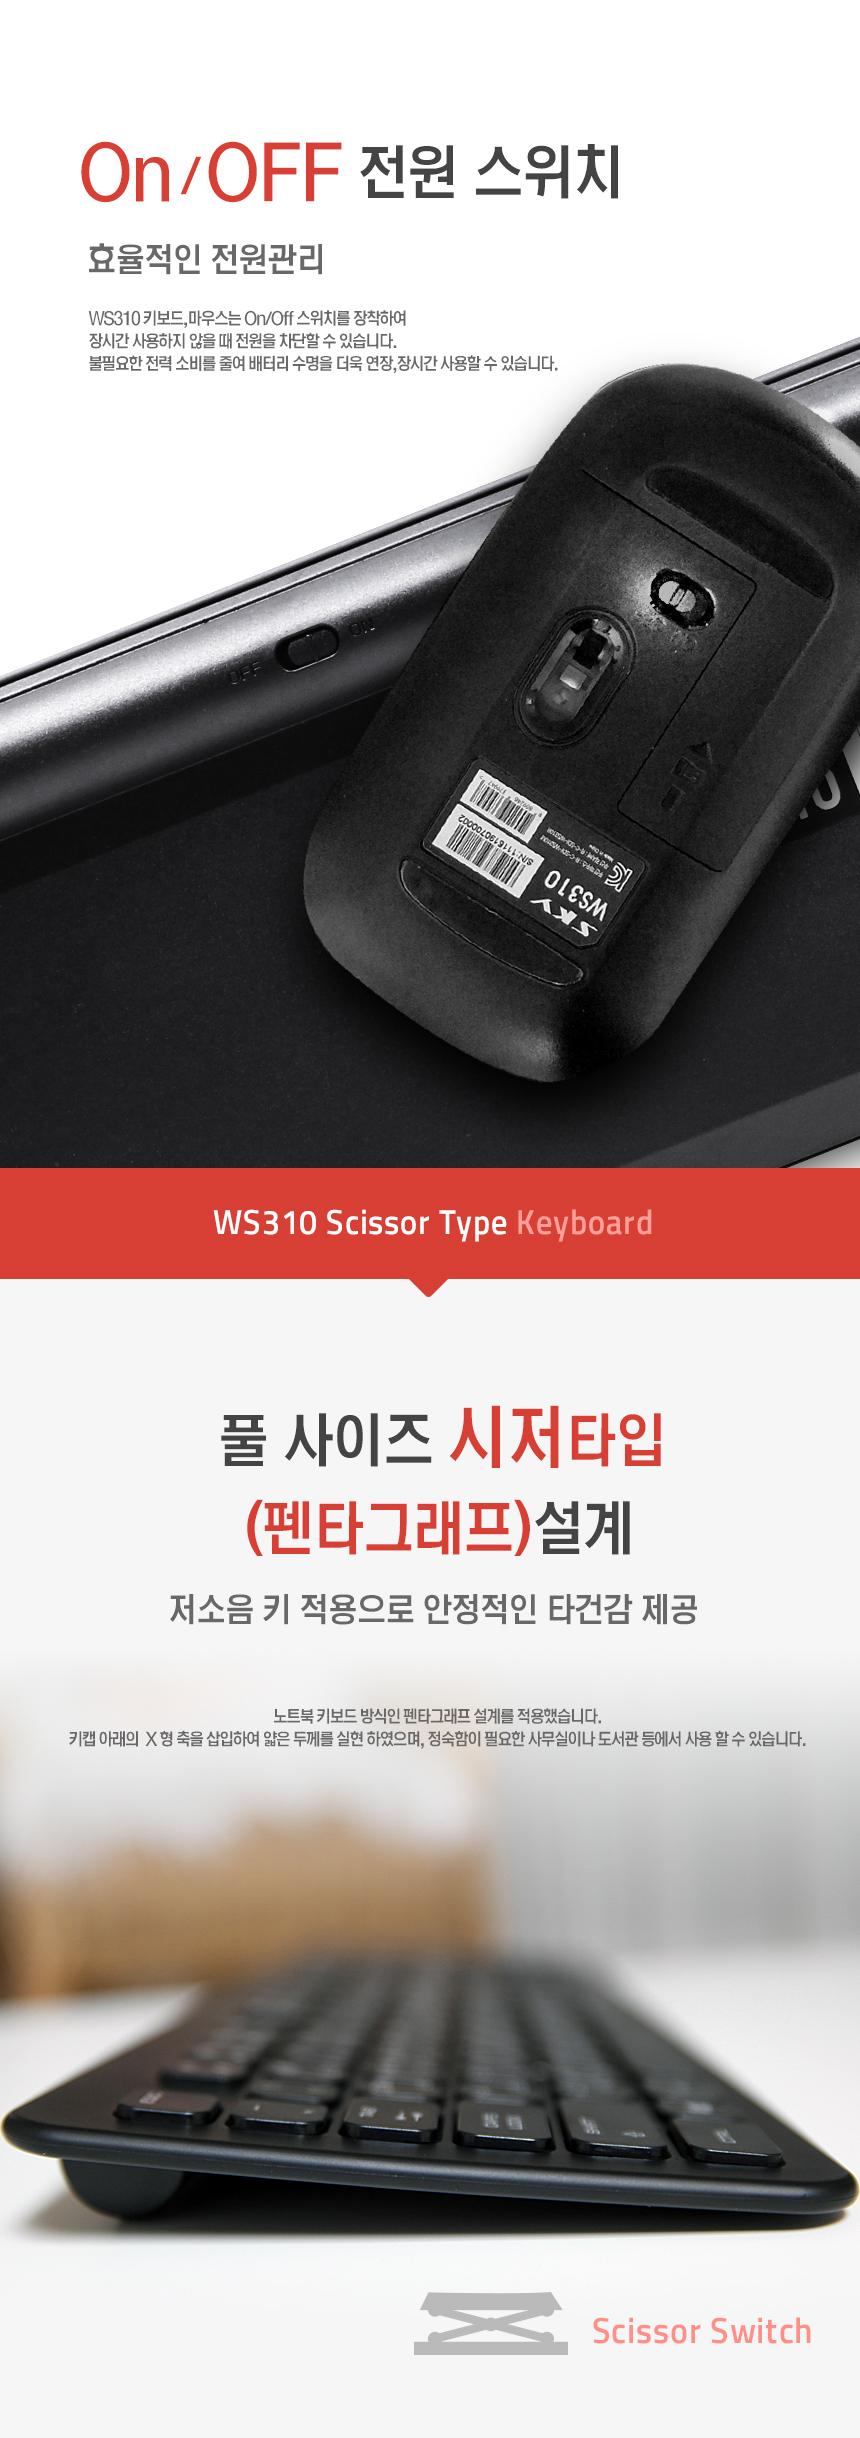 스카이디지탈 WS310 무선 키보드 마우스 콤보